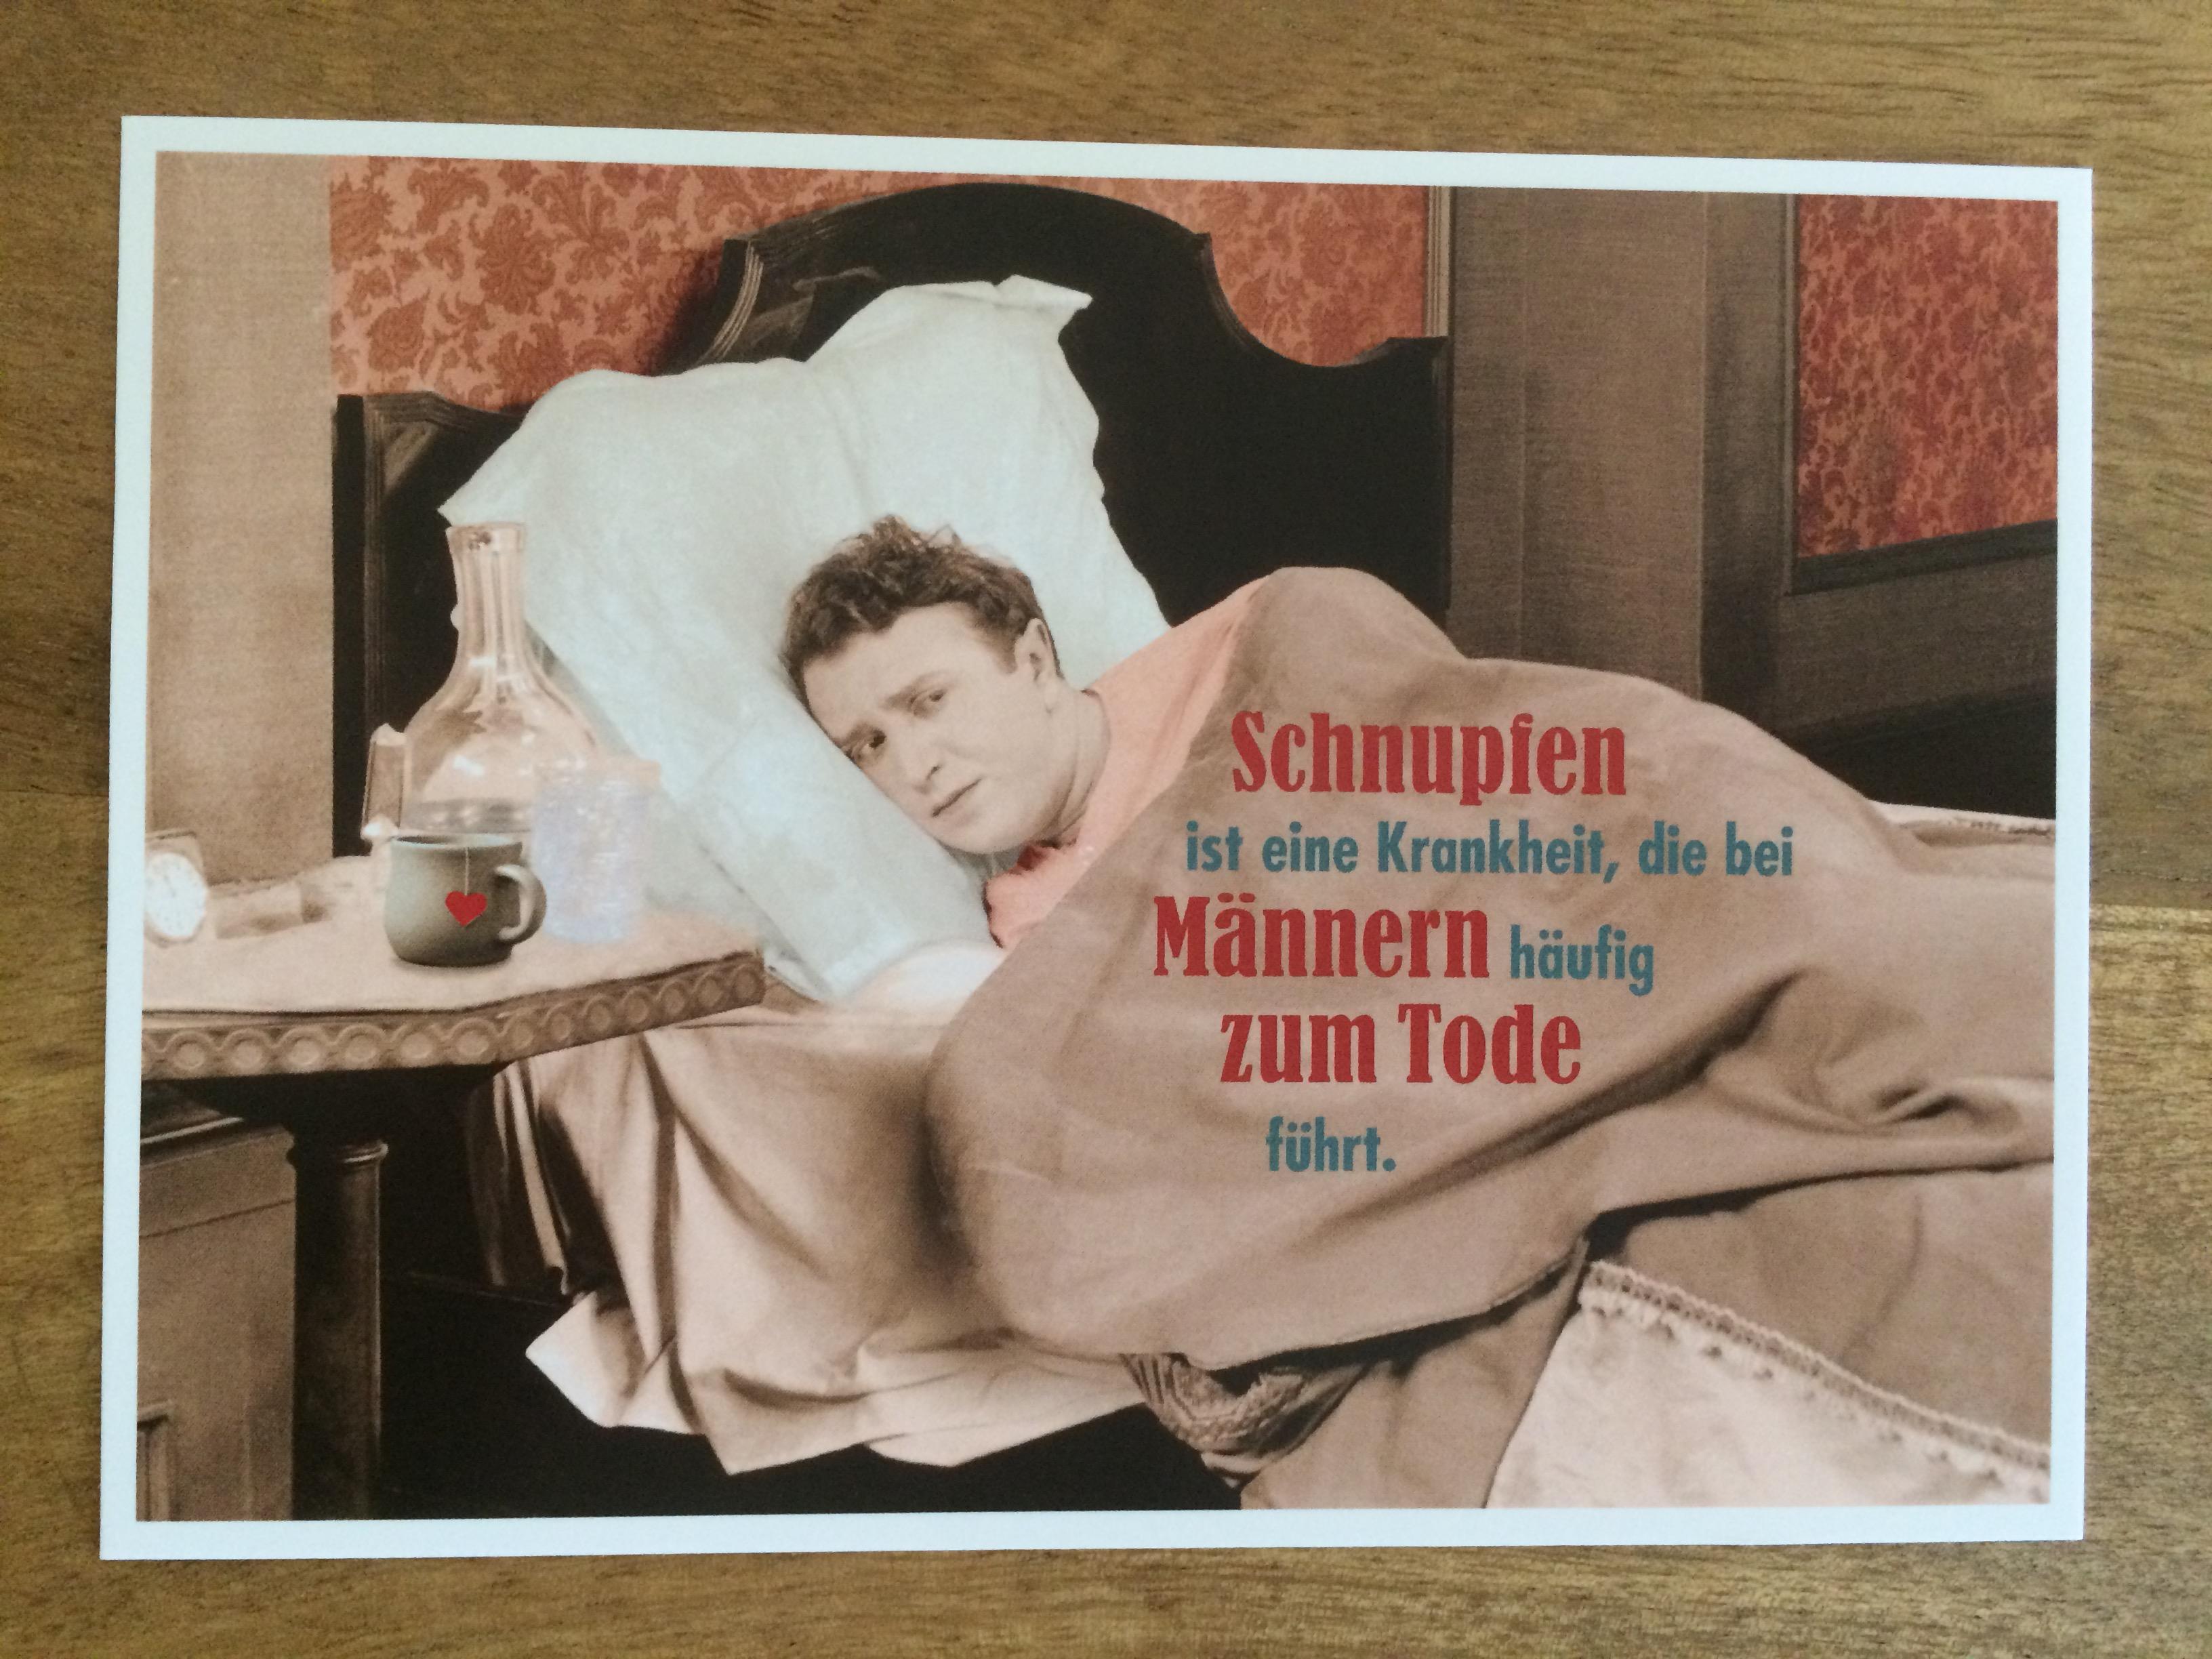 Postkarte Karte Schnupfen ist eine Krankheit die bei Männern häufig zum Tode führt. Paloma